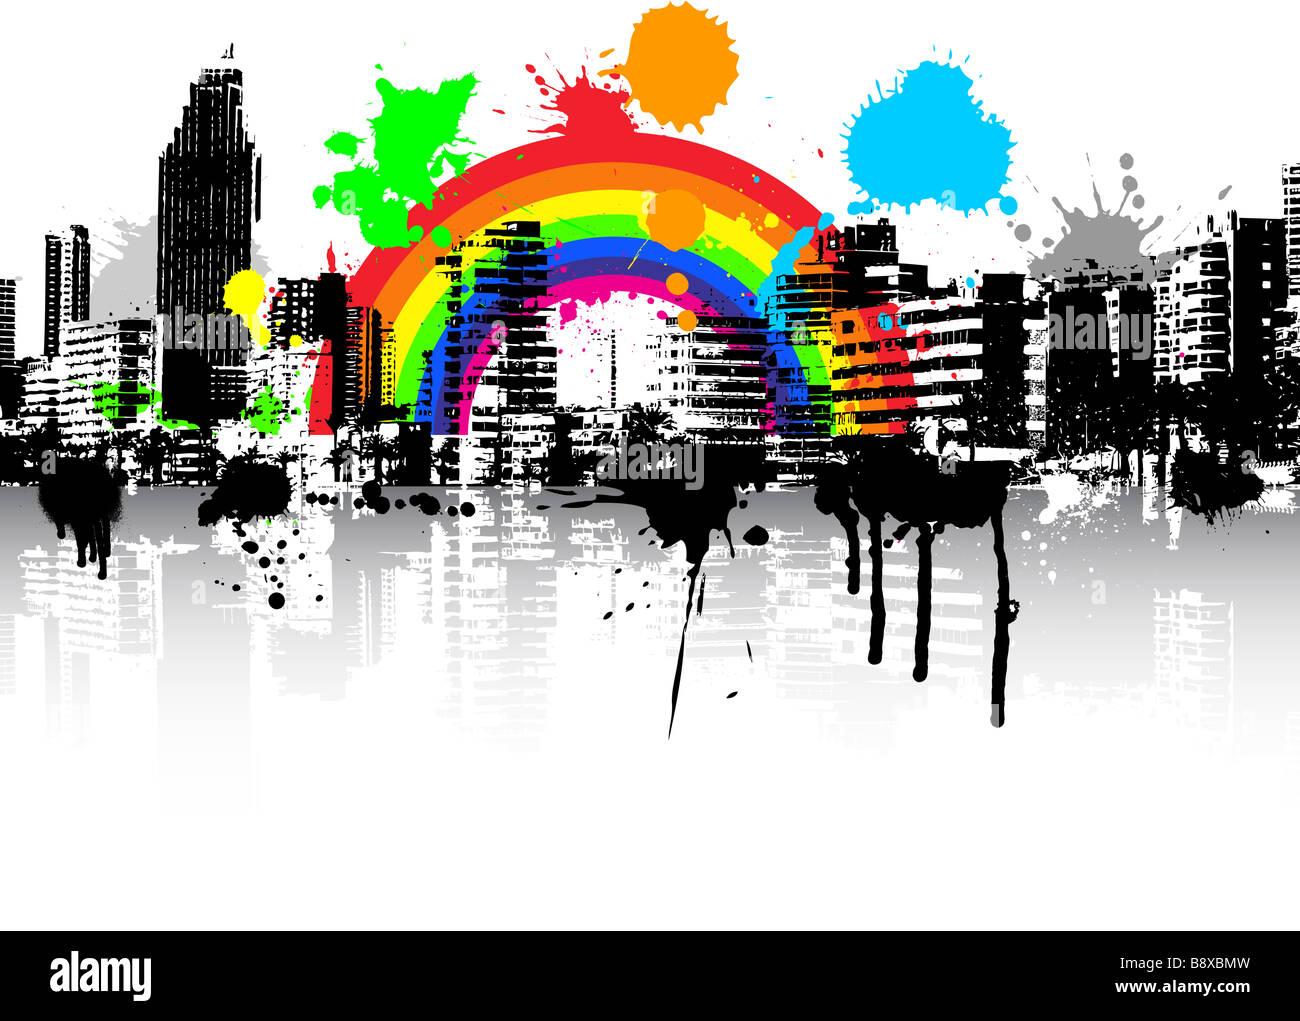 Estilo abstracto urbano escena Grunge antecedentes con arco iris Imagen De Stock